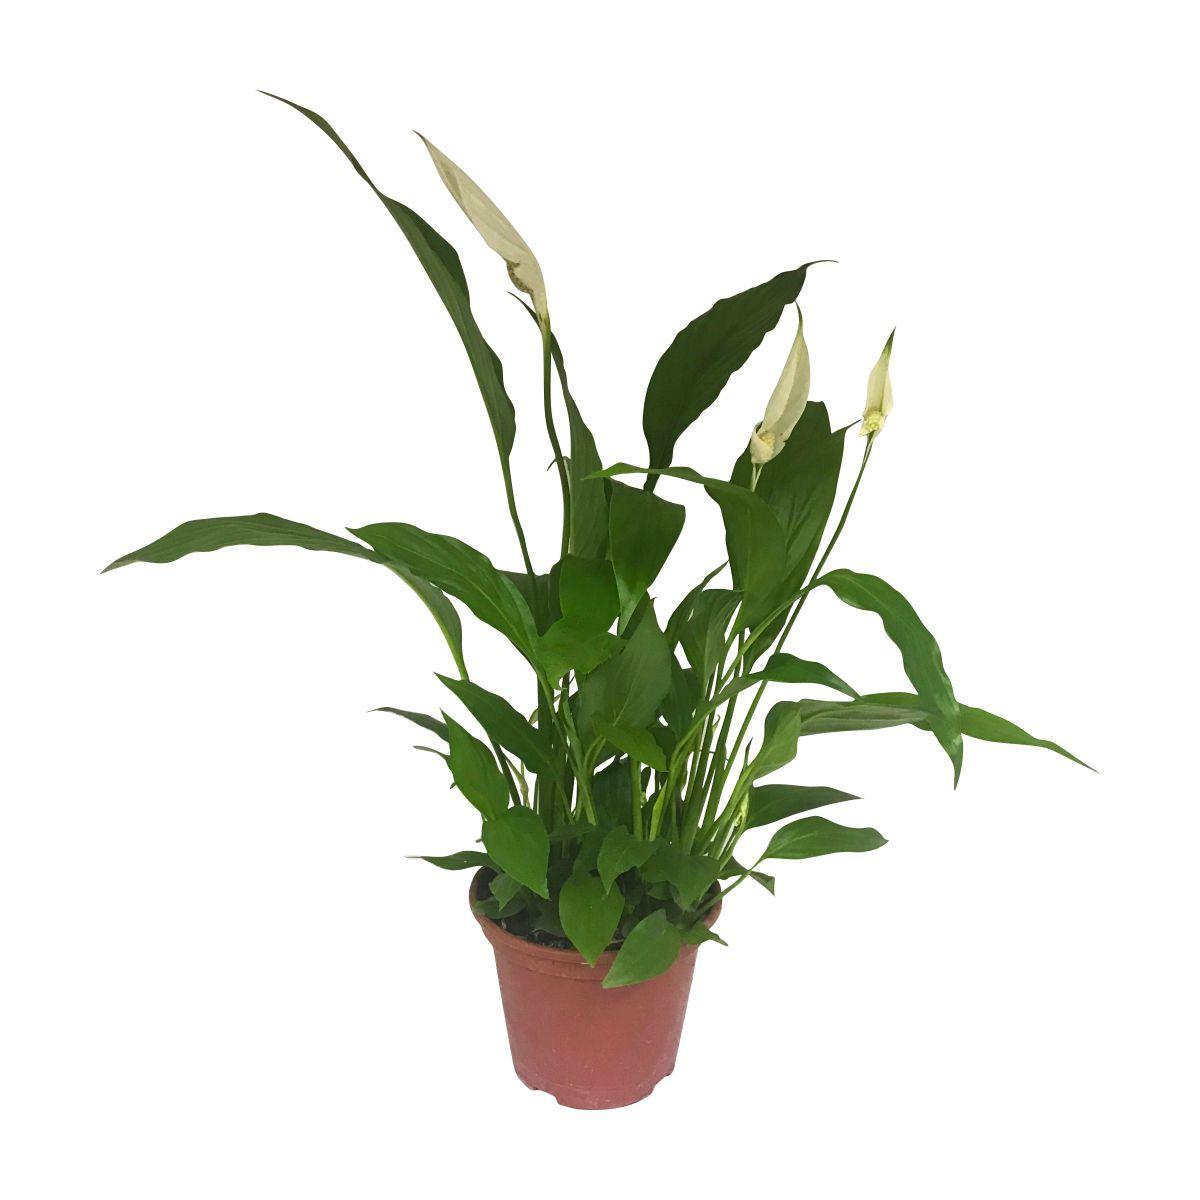 Vaso de Lírio da Paz (Spathiphyllum) pote 15